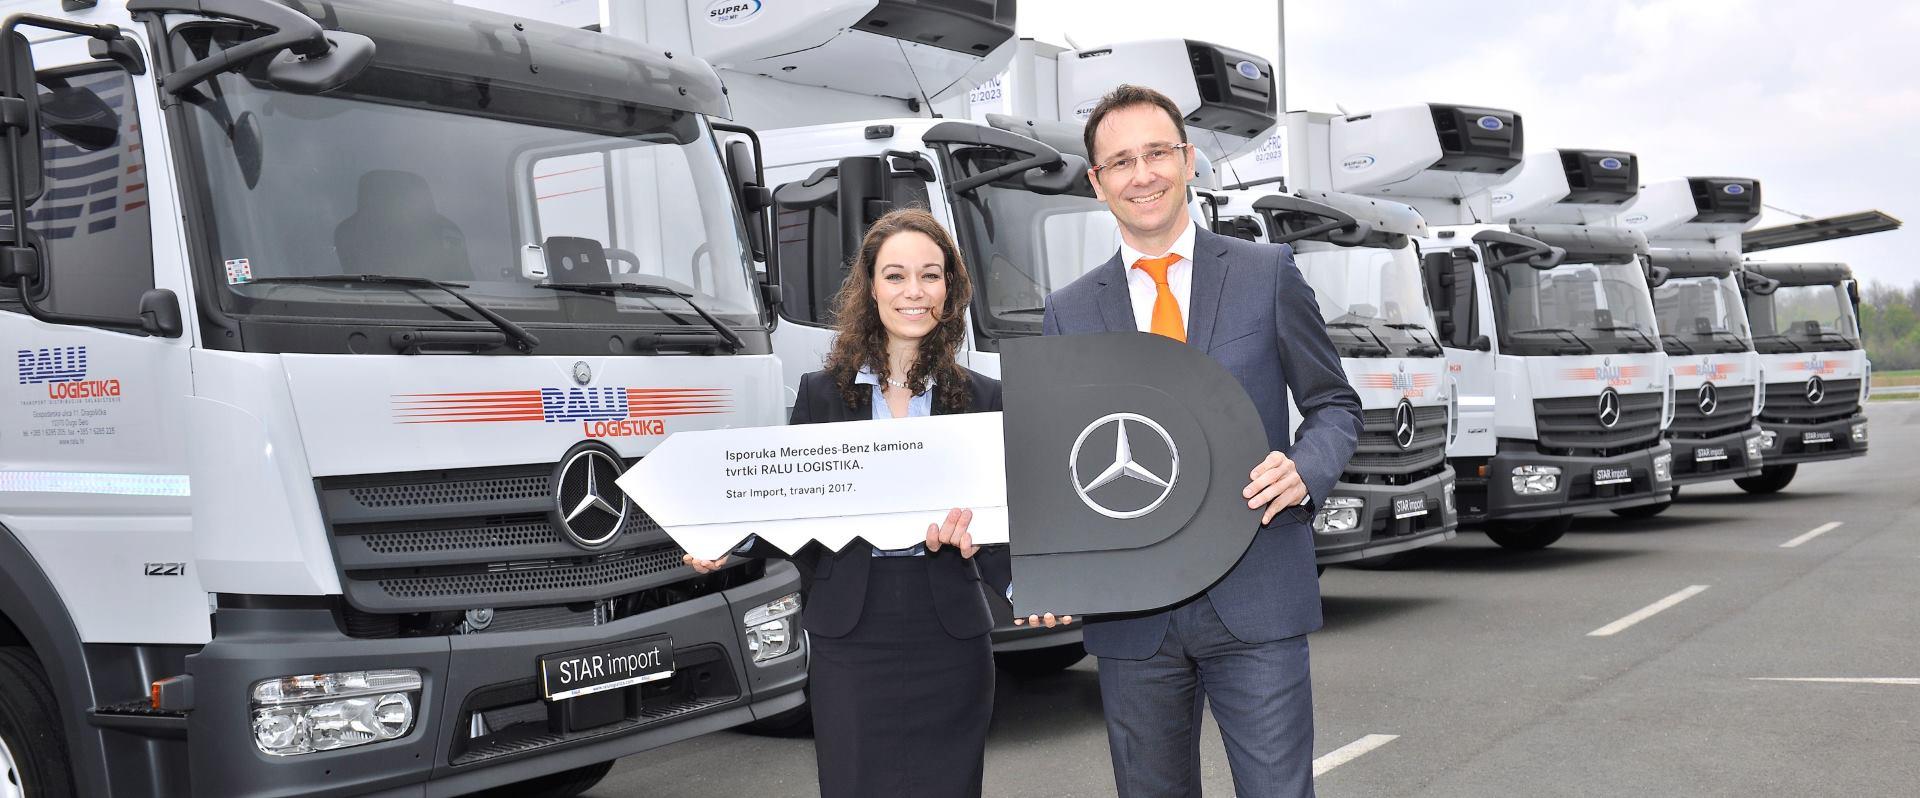 Kupnjom Mercedesovih kamiona RALU Logistika zaokružuje uspješan investicijski ciklus